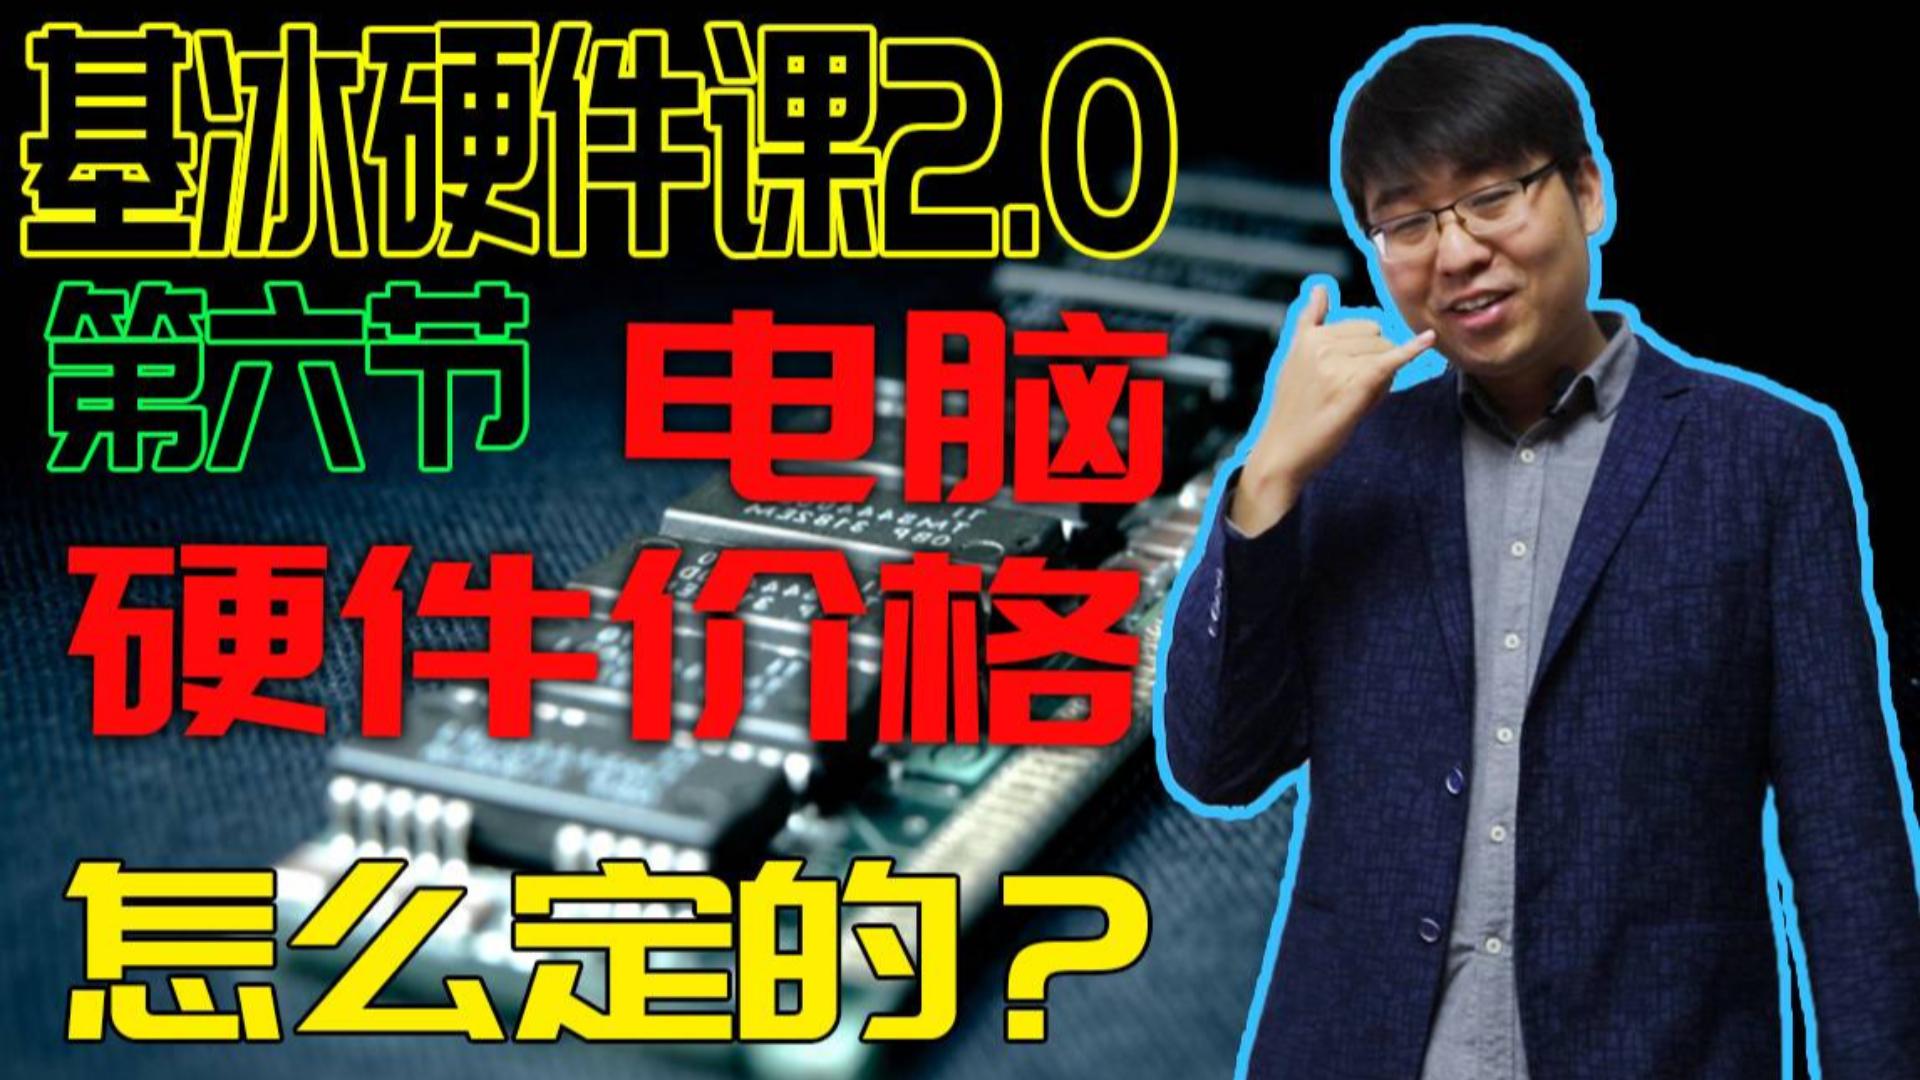 (抽奖)【基冰硬件课2.0 第六节】揭秘电脑行业内幕,一台电脑利润高达20%?